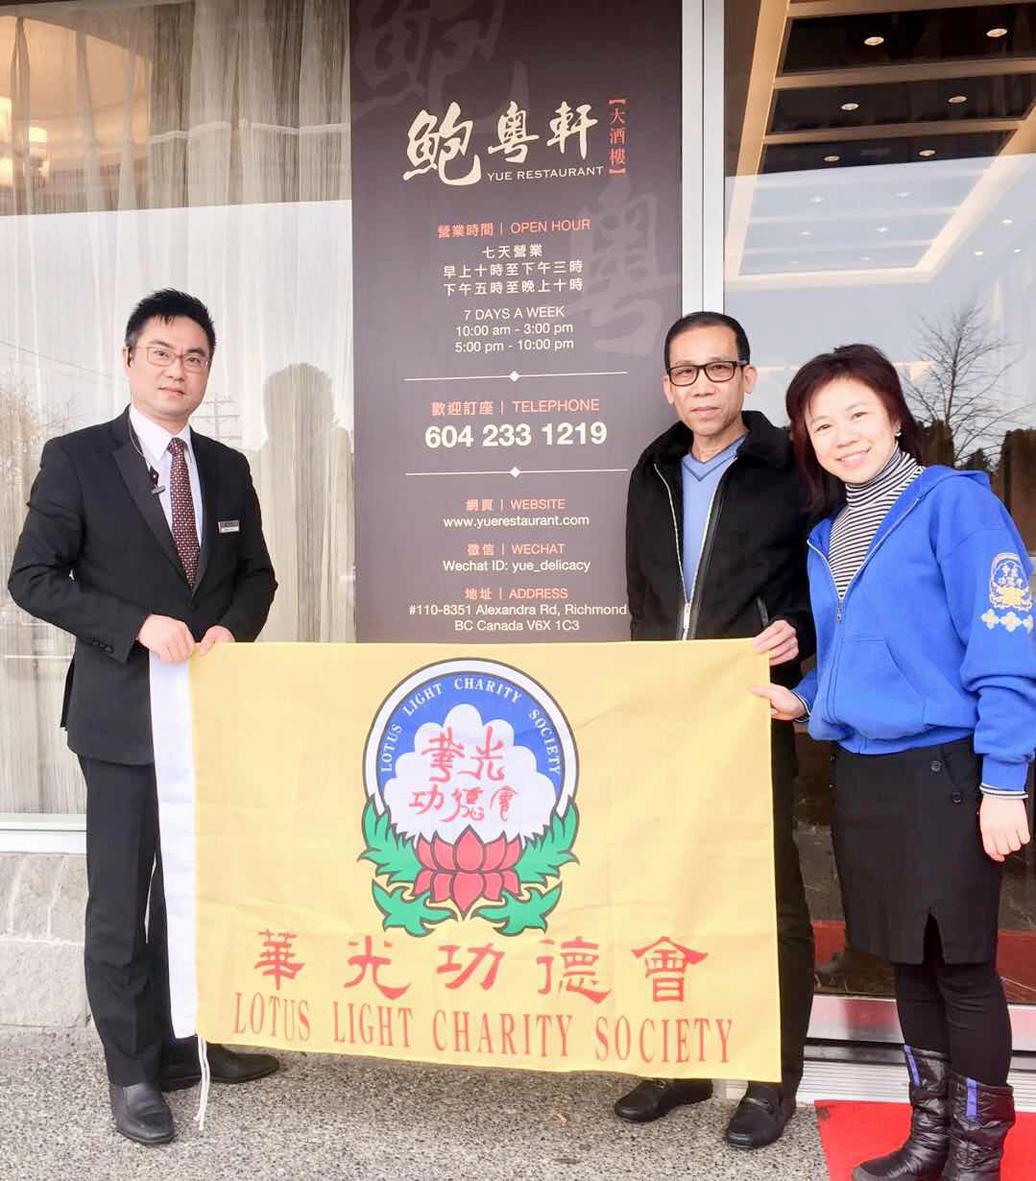 贊助商家「鮑粵軒大酒樓」老闆Mr. So(右2)和營業總監Mr. Yuen(左)與華光義工合影